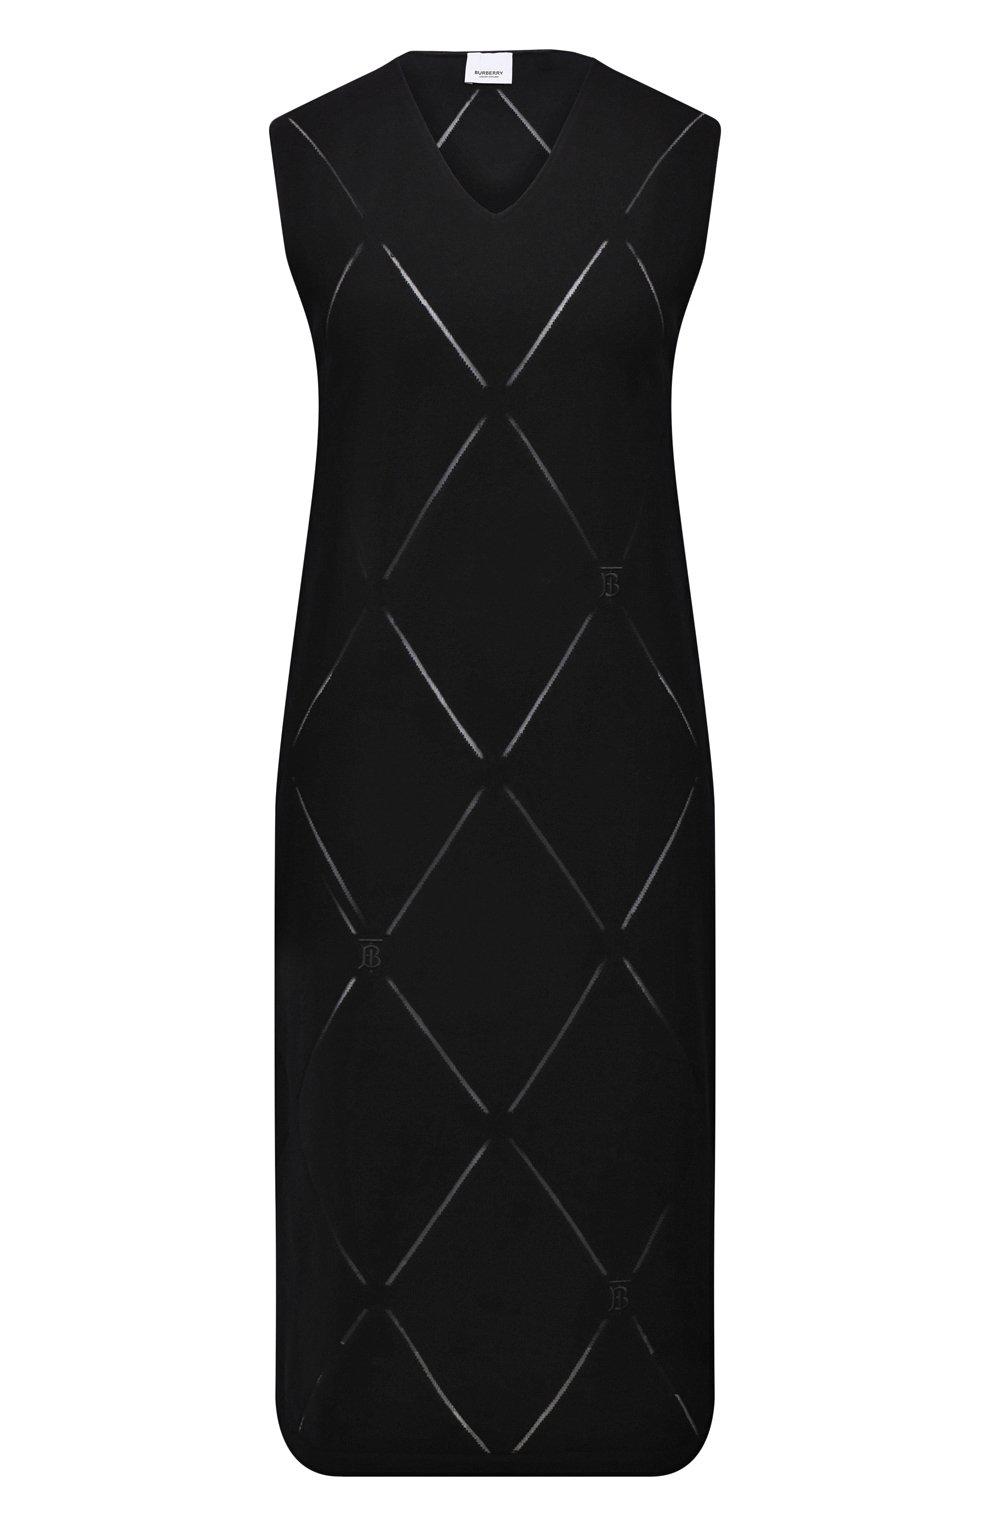 Женское шерстяное платье BURBERRY черного цвета, арт. 8044759   Фото 1 (Материал внешний: Шерсть; Случай: Повседневный; Кросс-КТ: Трикотаж; Длина Ж (юбки, платья, шорты): До колена; Женское Кросс-КТ: Платье-одежда; Стили: Кэжуэл)